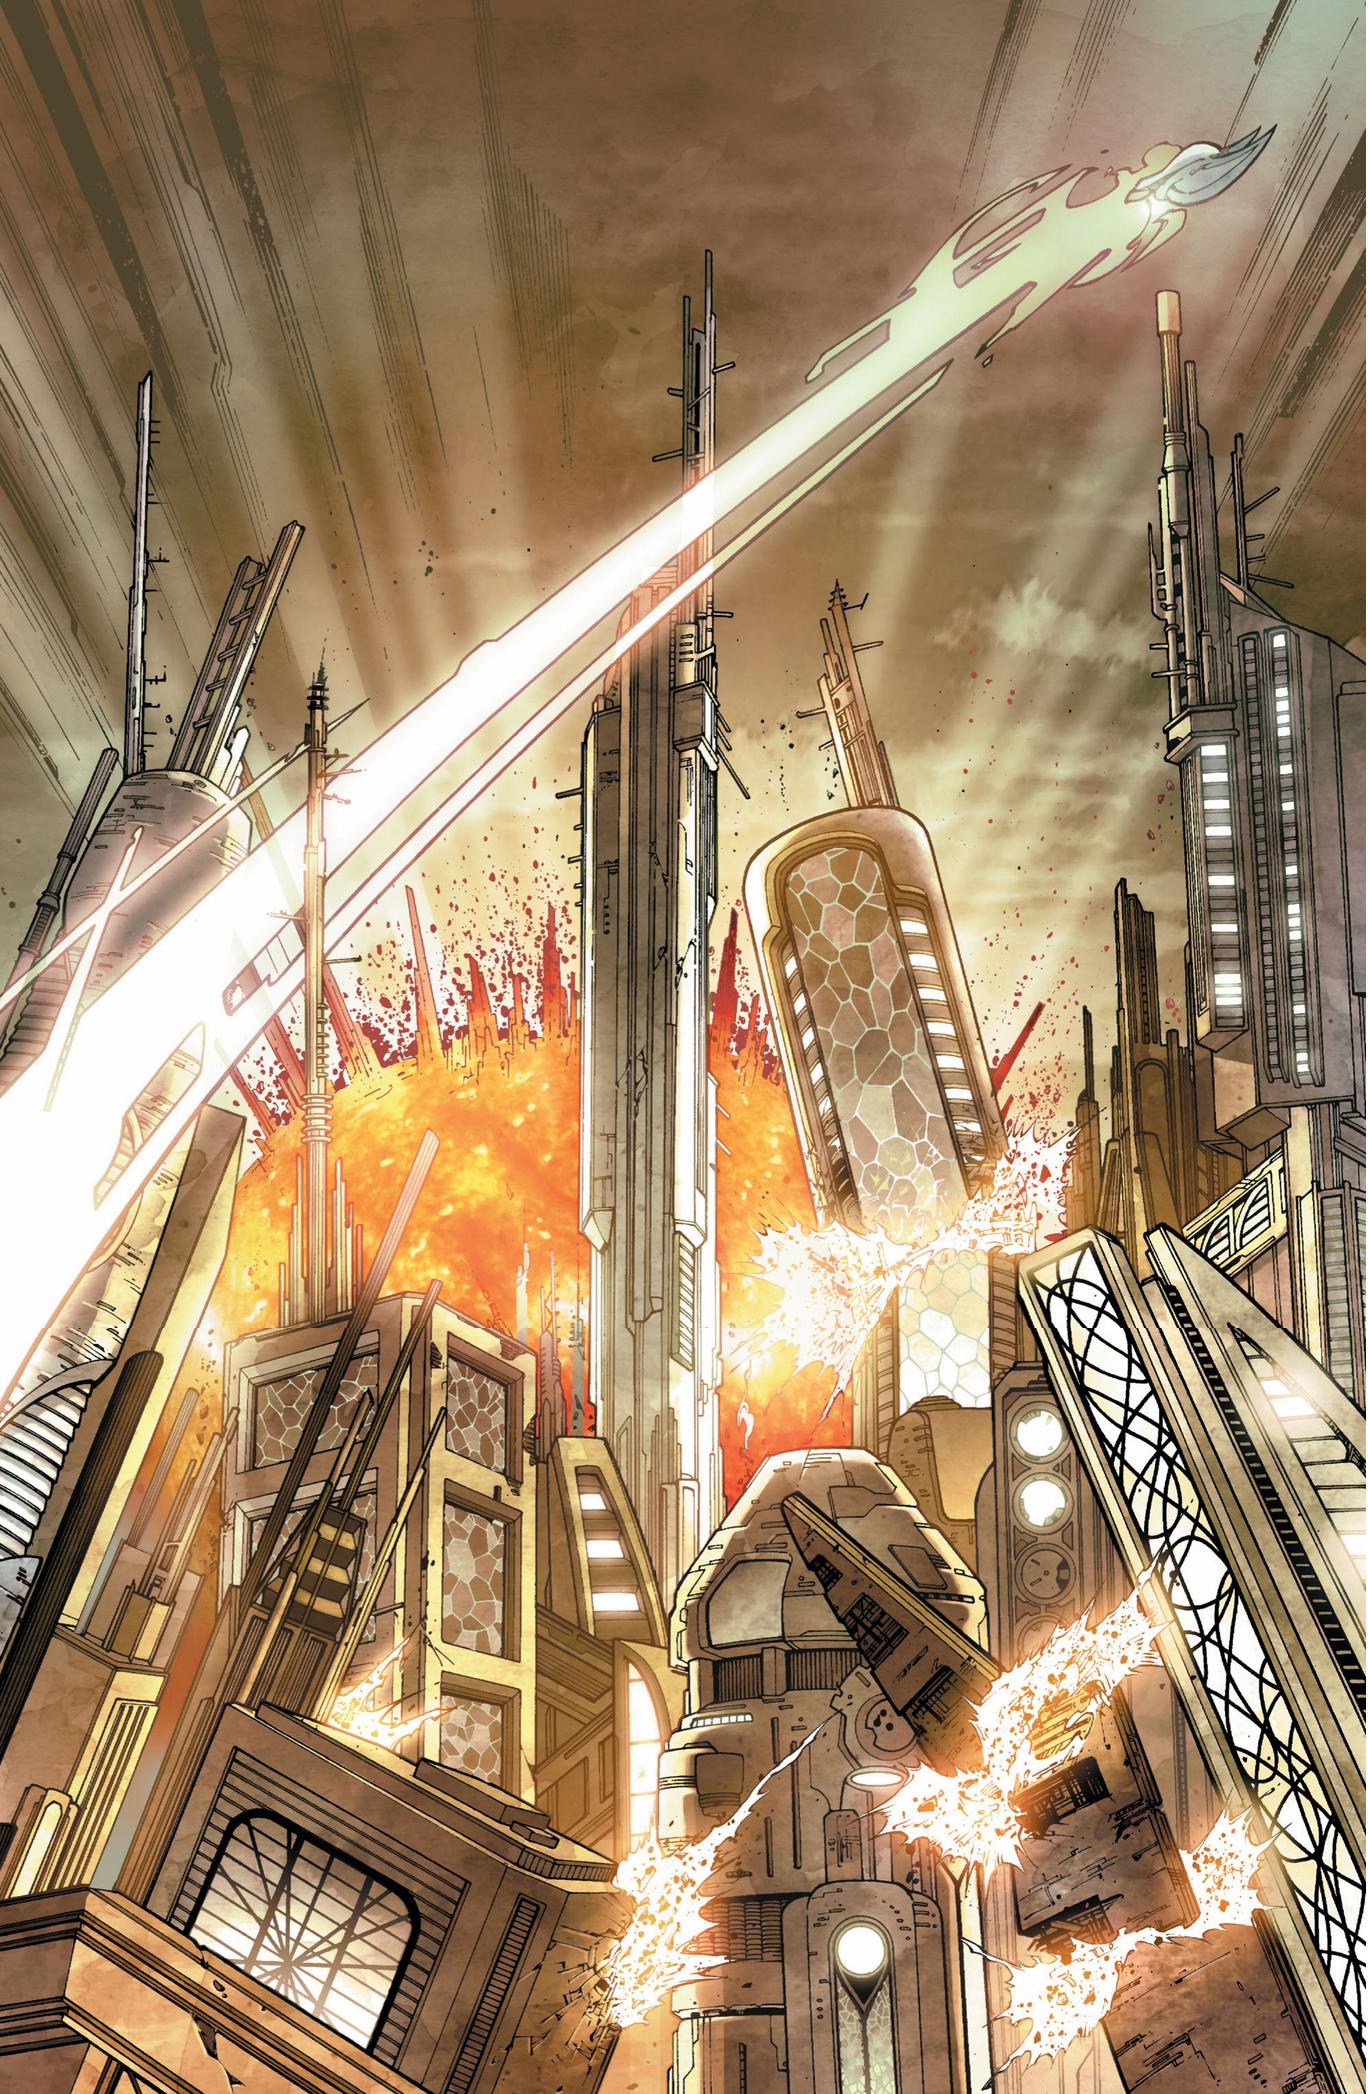 kal-el escapes krypton (earth 1)